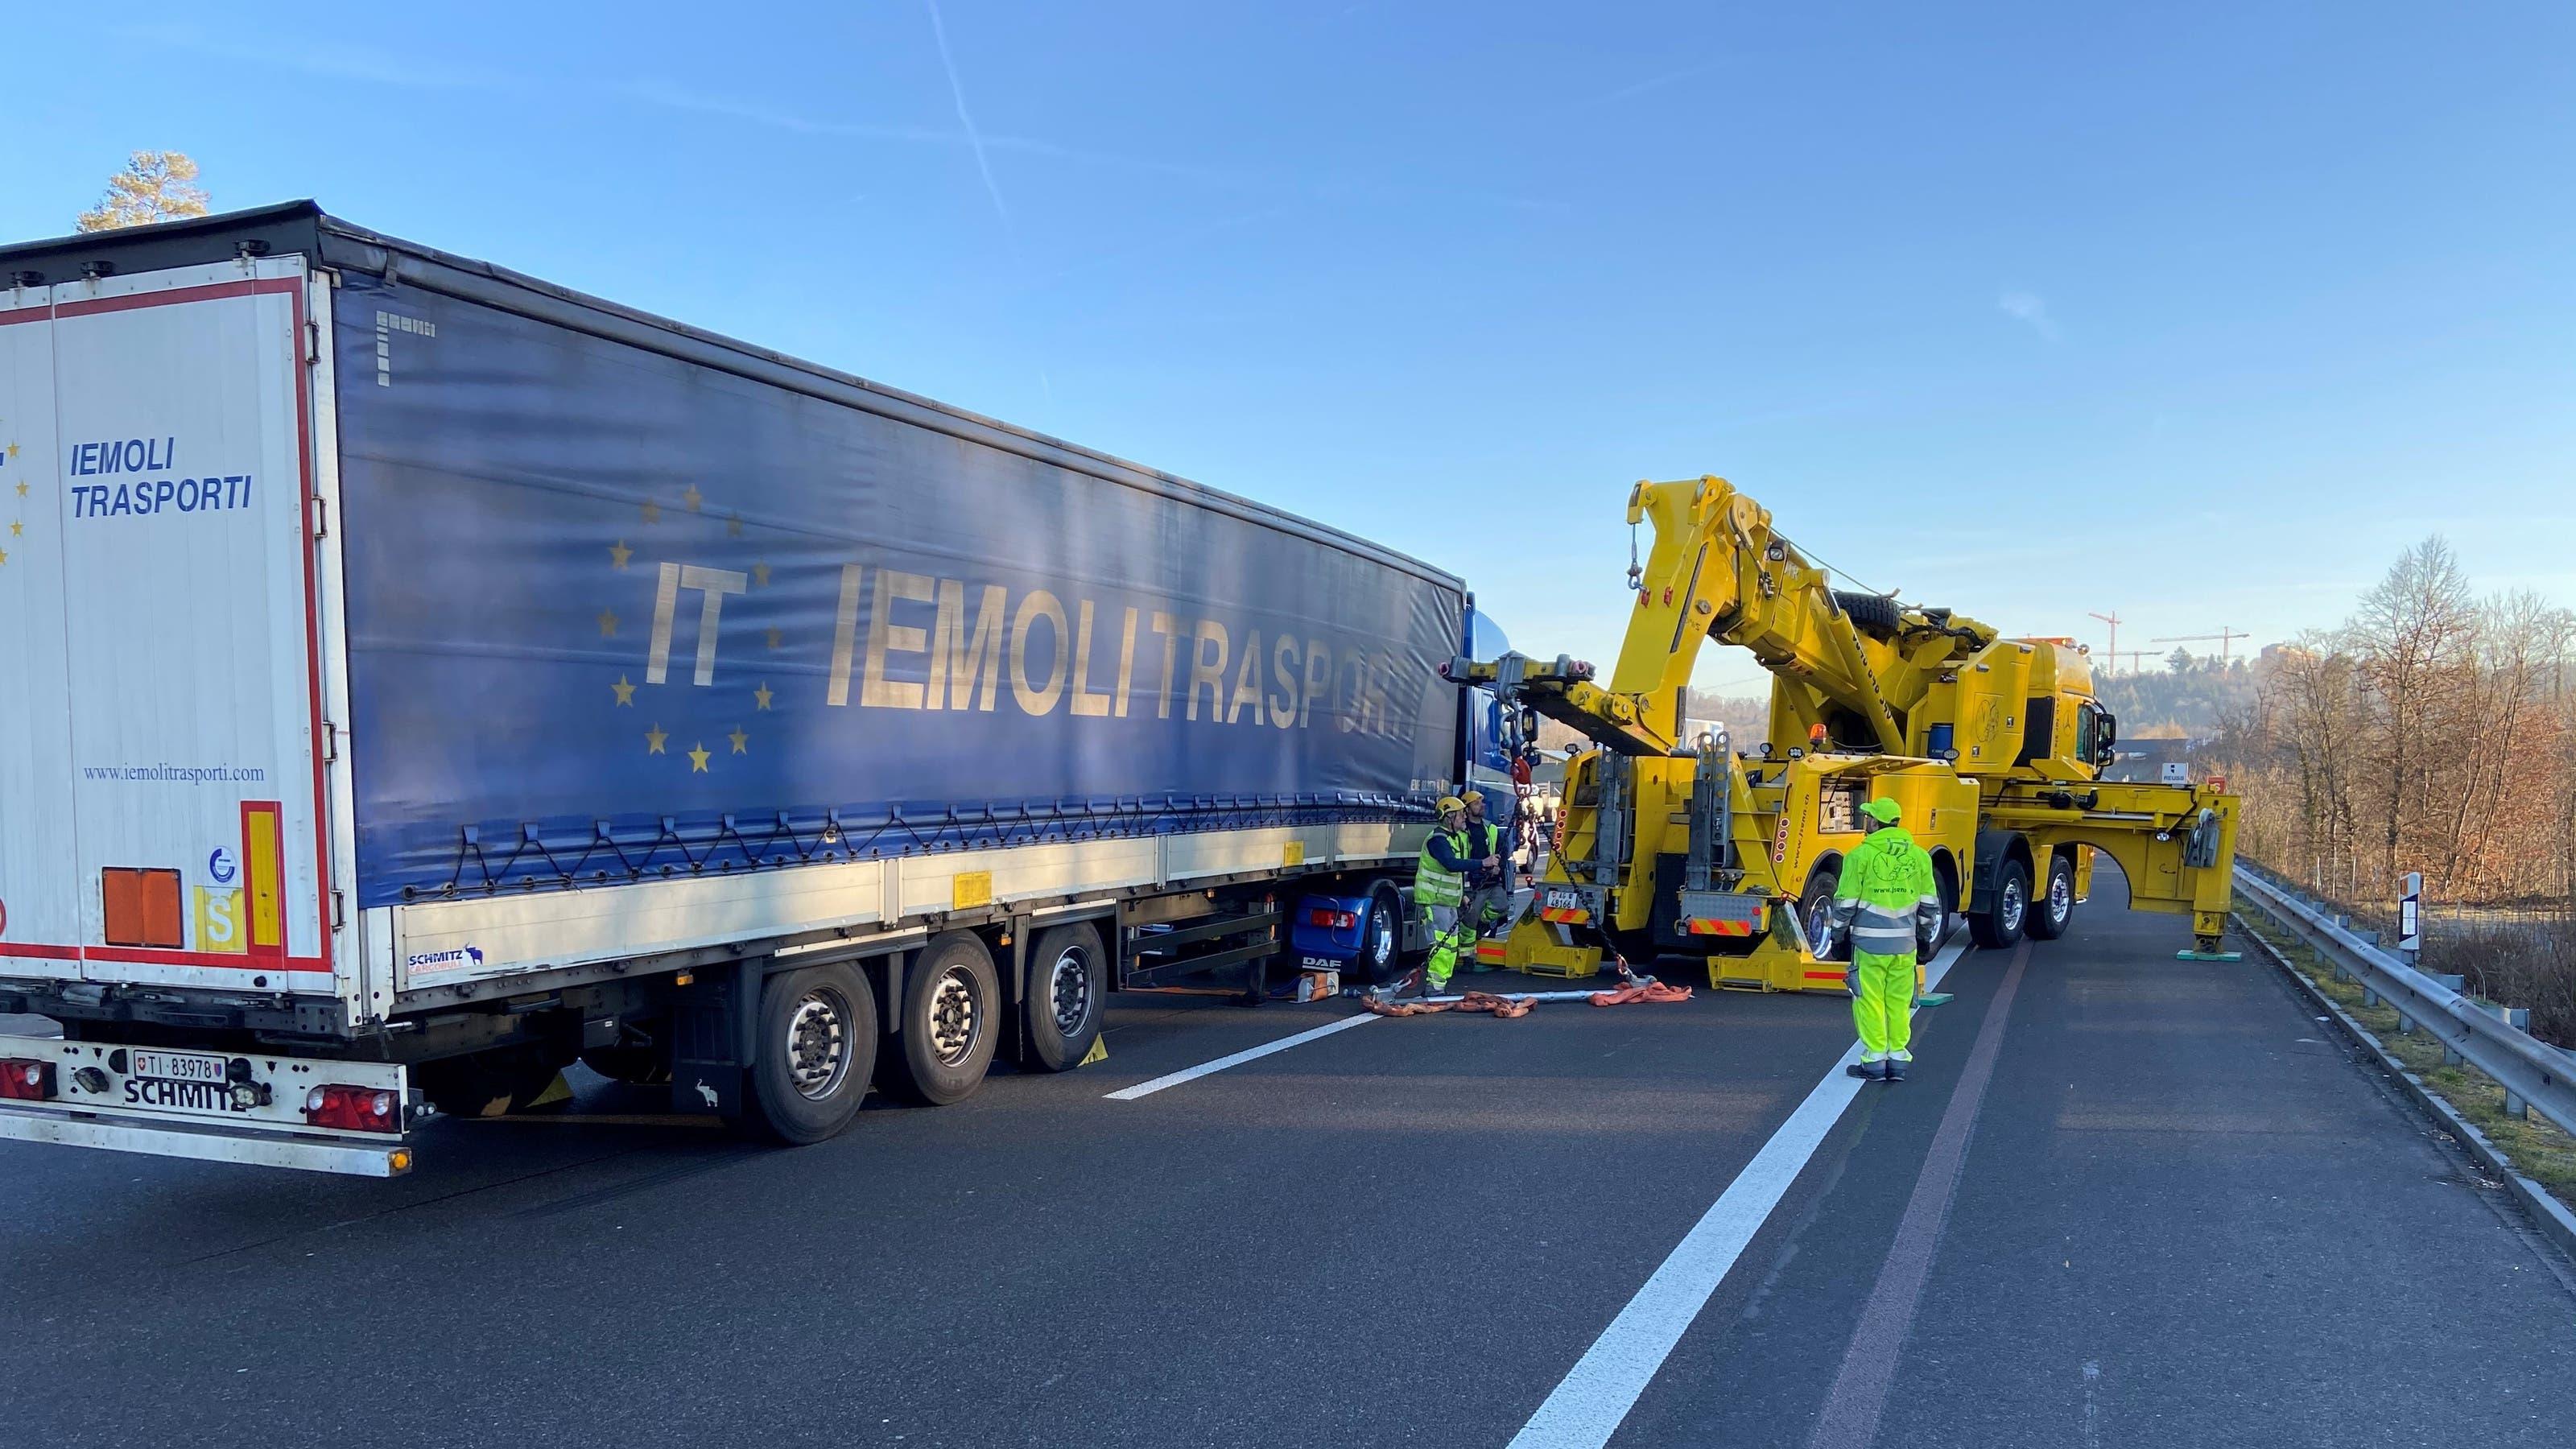 Bei diesem Lastwagen verschob sich die Ladung am Mittwochmorgen. Das führte zu einem Megastau auf der Autobahn A1 im Aargau.